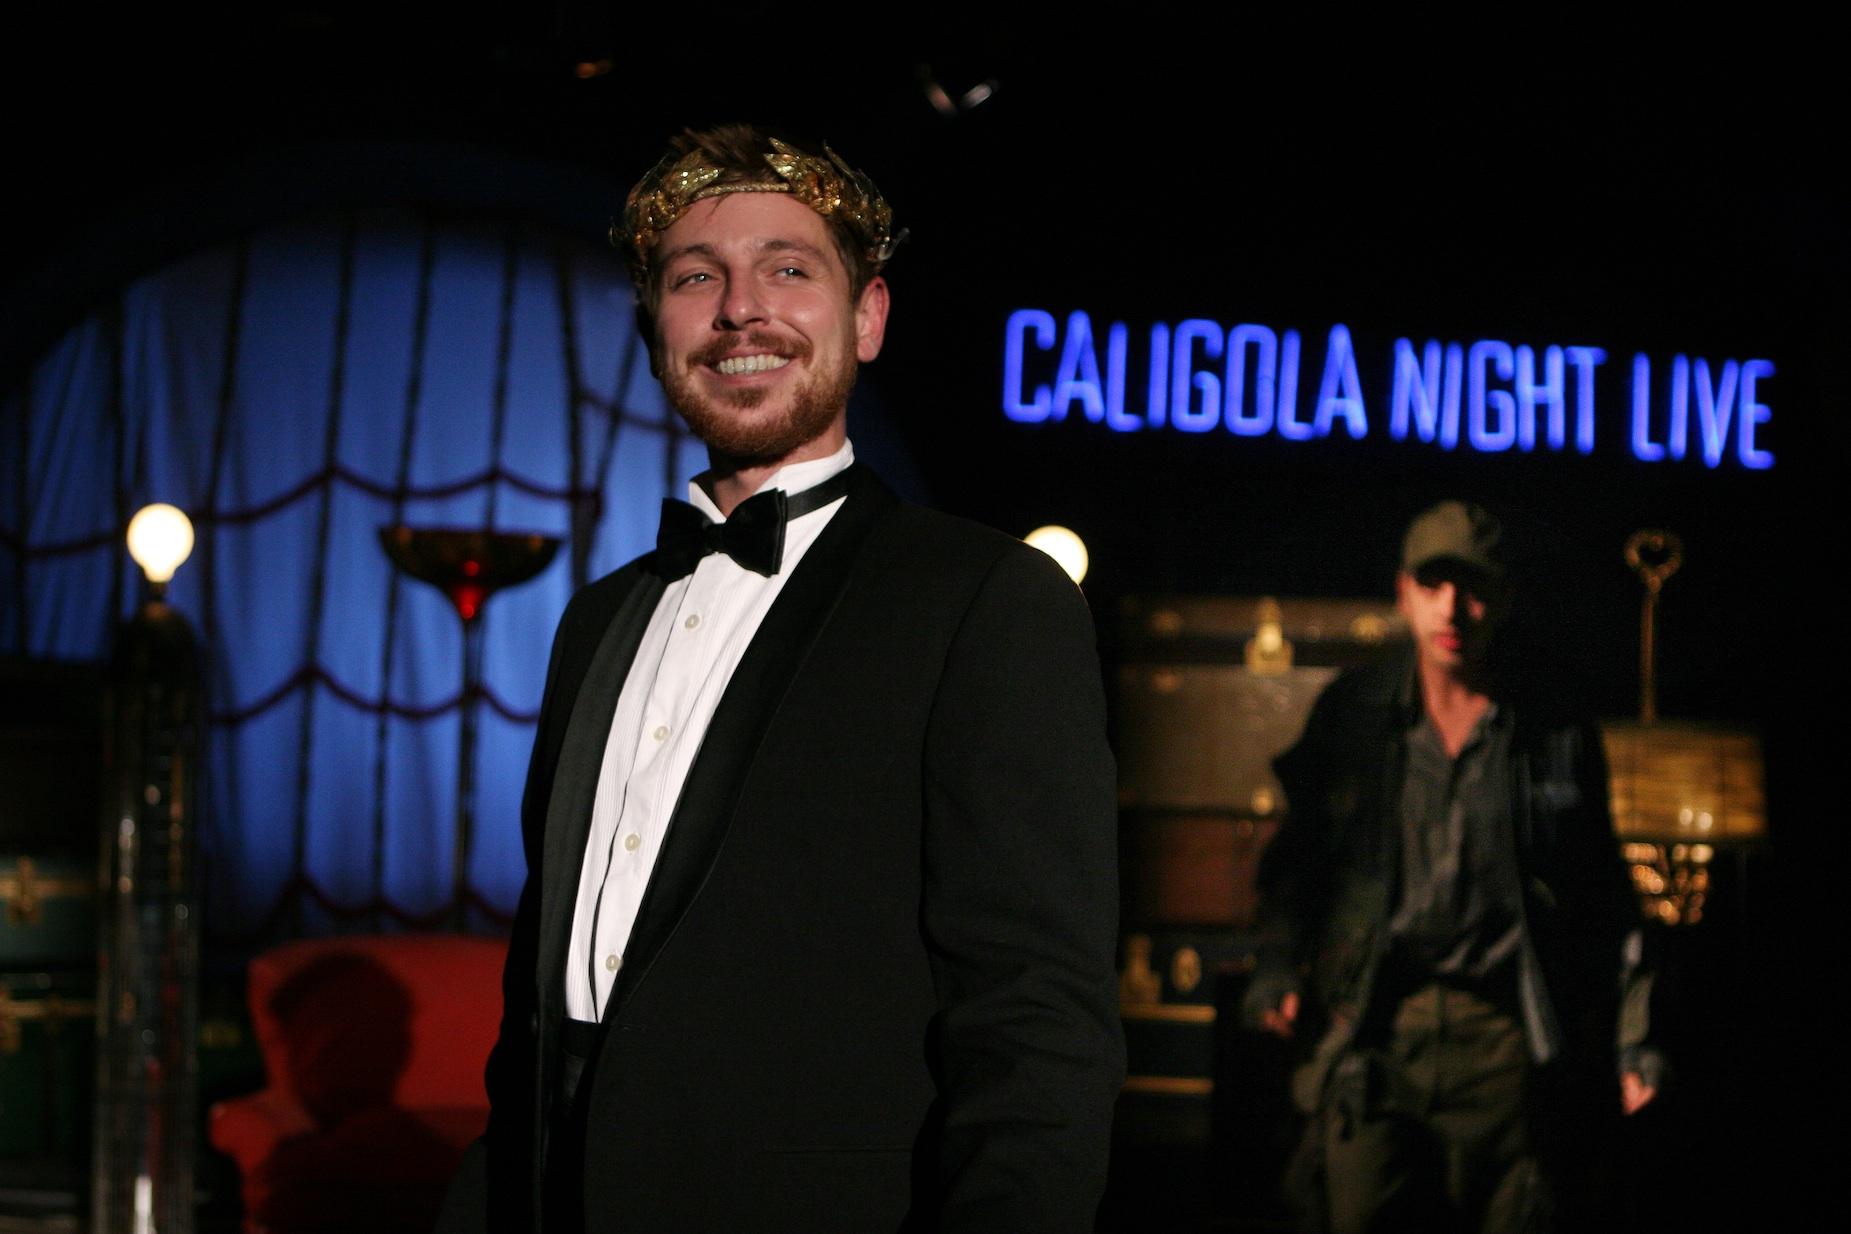 Caligola-x-invio